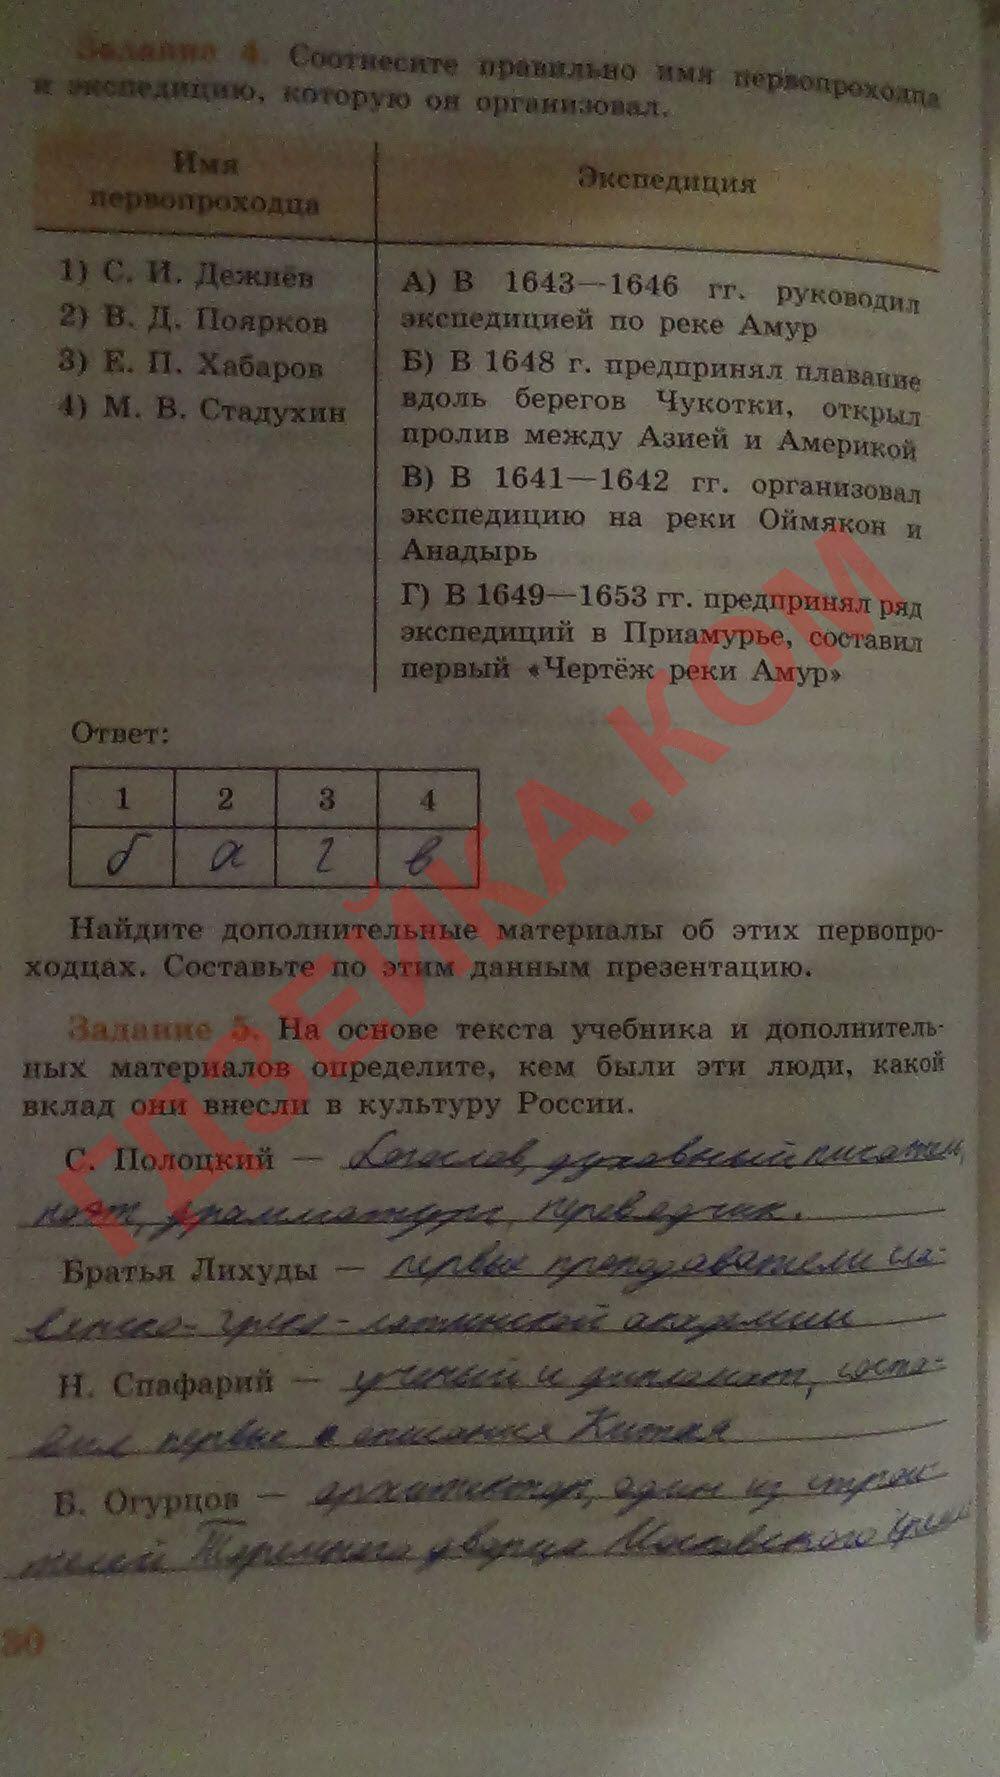 Учебник по международному частному праву дмитриевой скачать бесплатно в формате ворлд